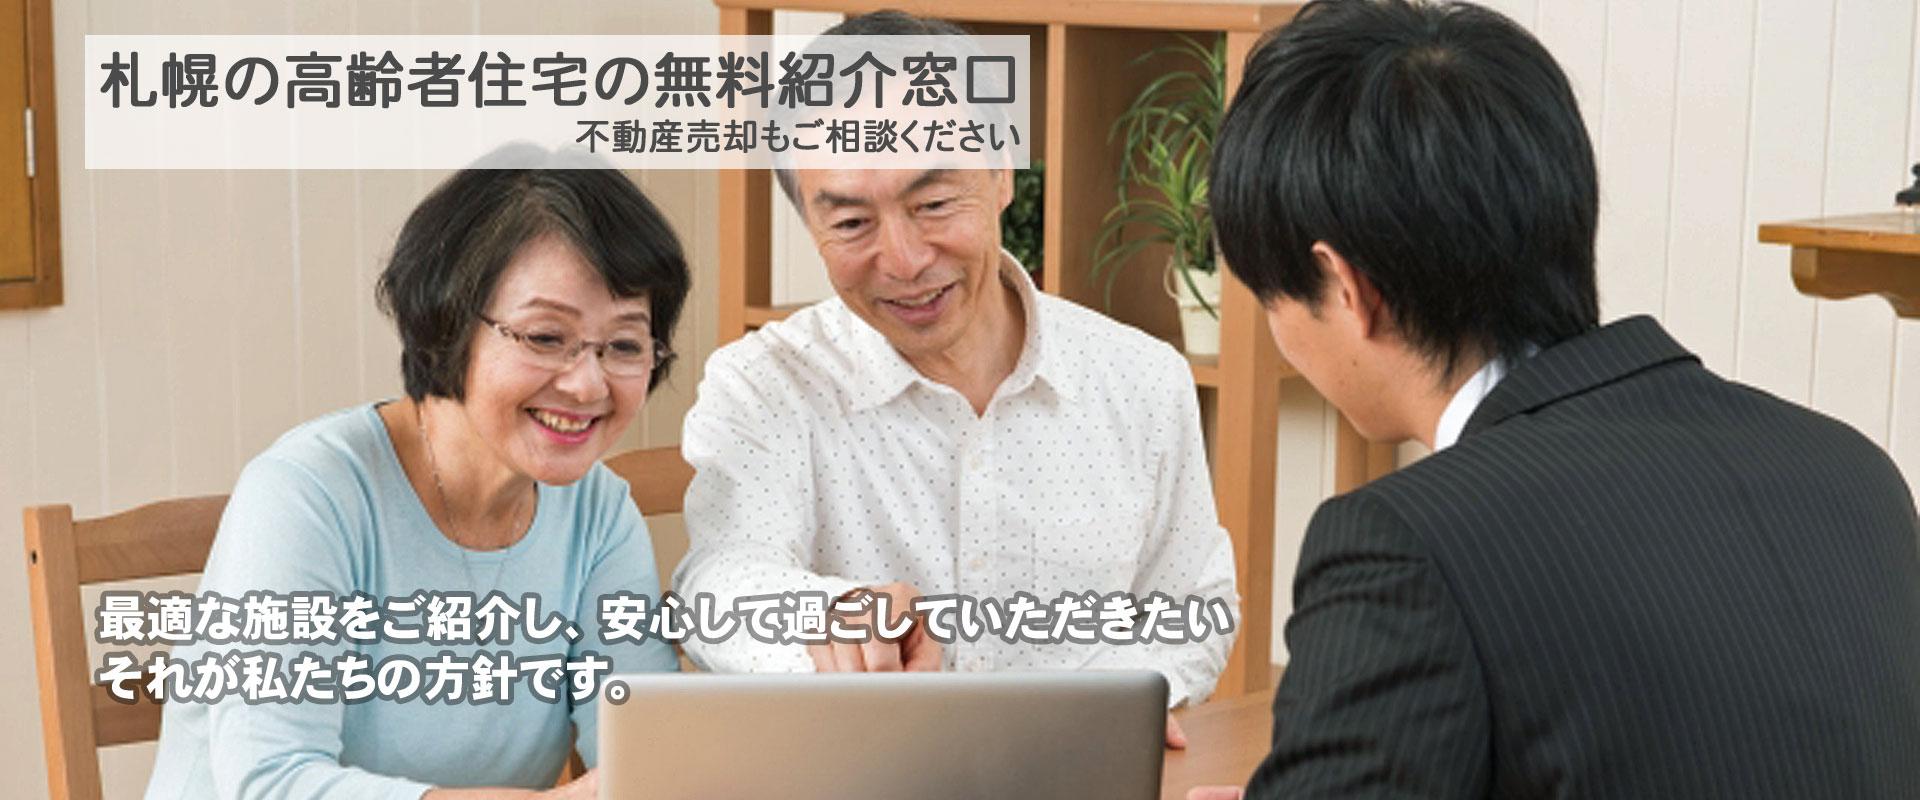 札幌の高齢者住宅の無料紹介窓口のイメージ